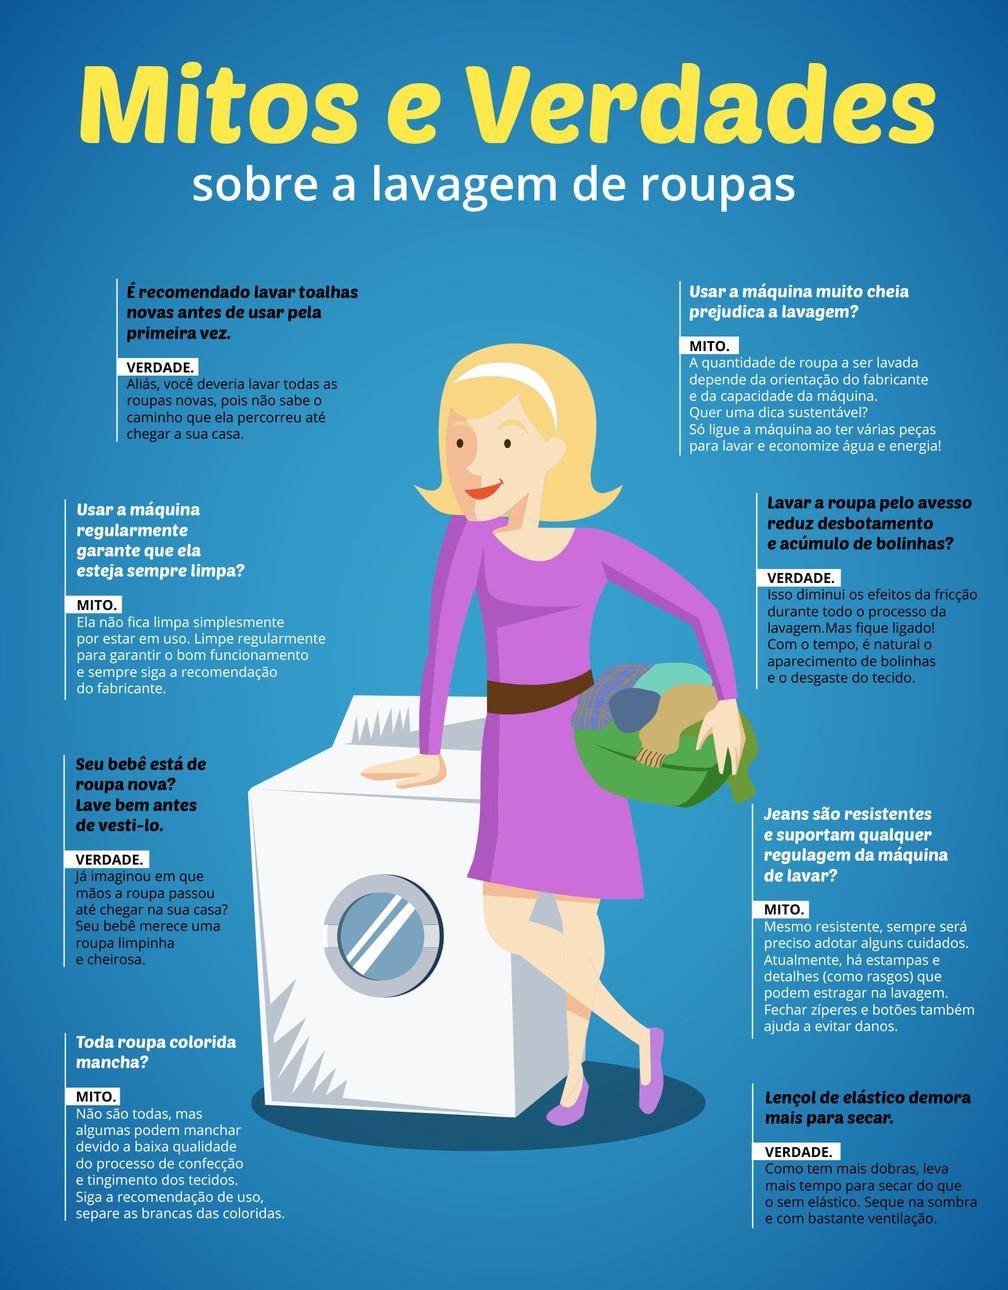 Mitos e Verdades sobre lavagem de roupa (Foto: Divulgação)